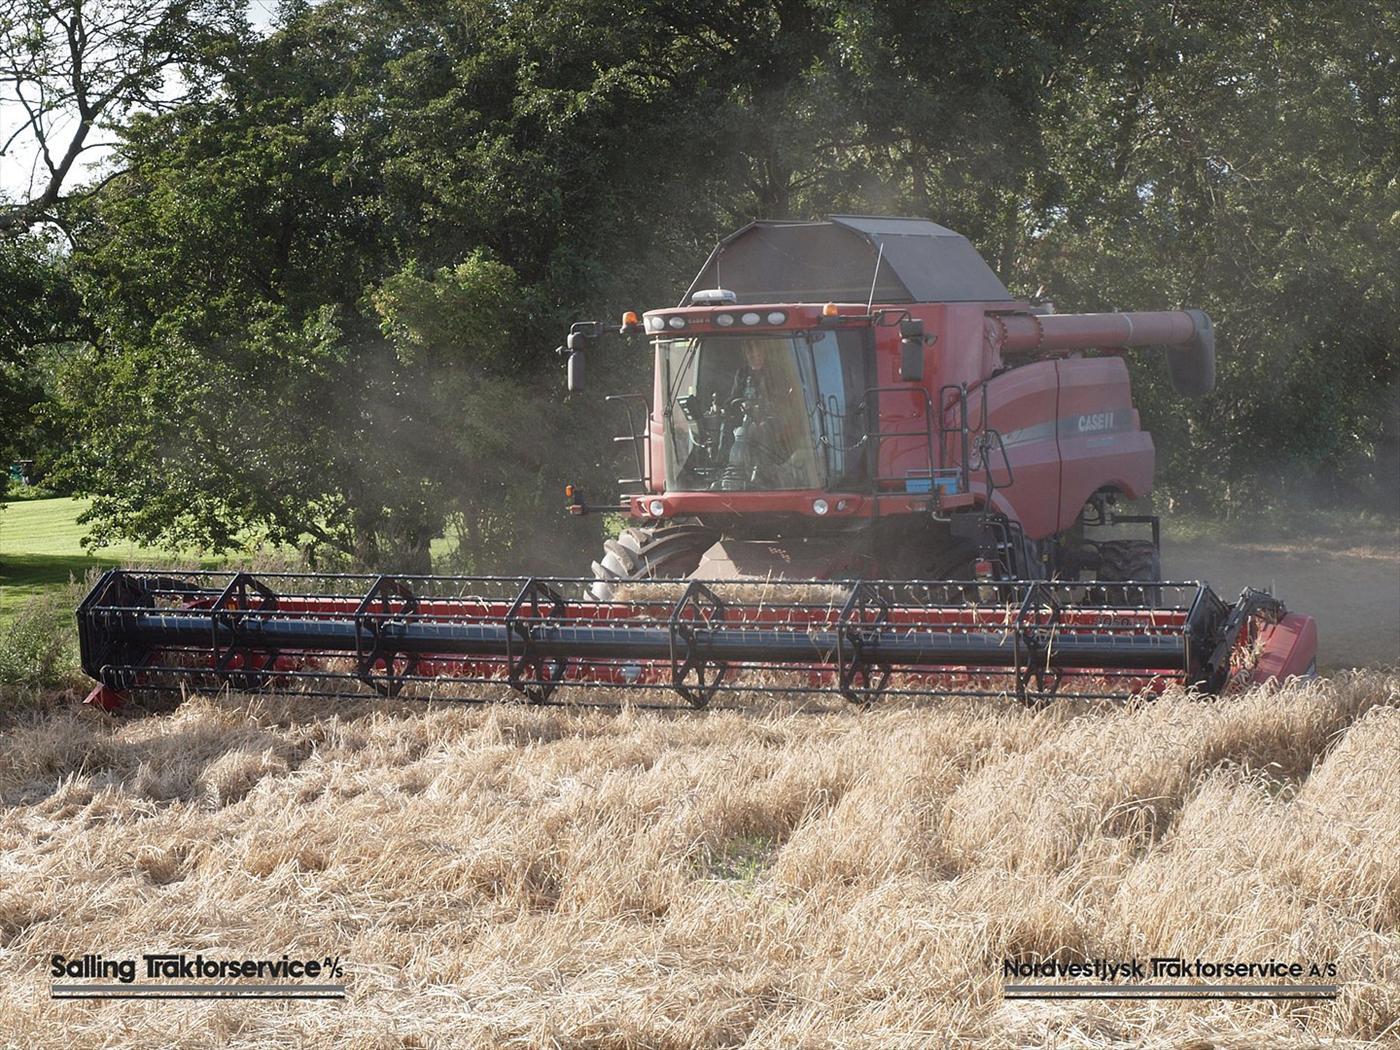 Salling Traktorservice samt Nordvestjysk Traktorservice billede 5